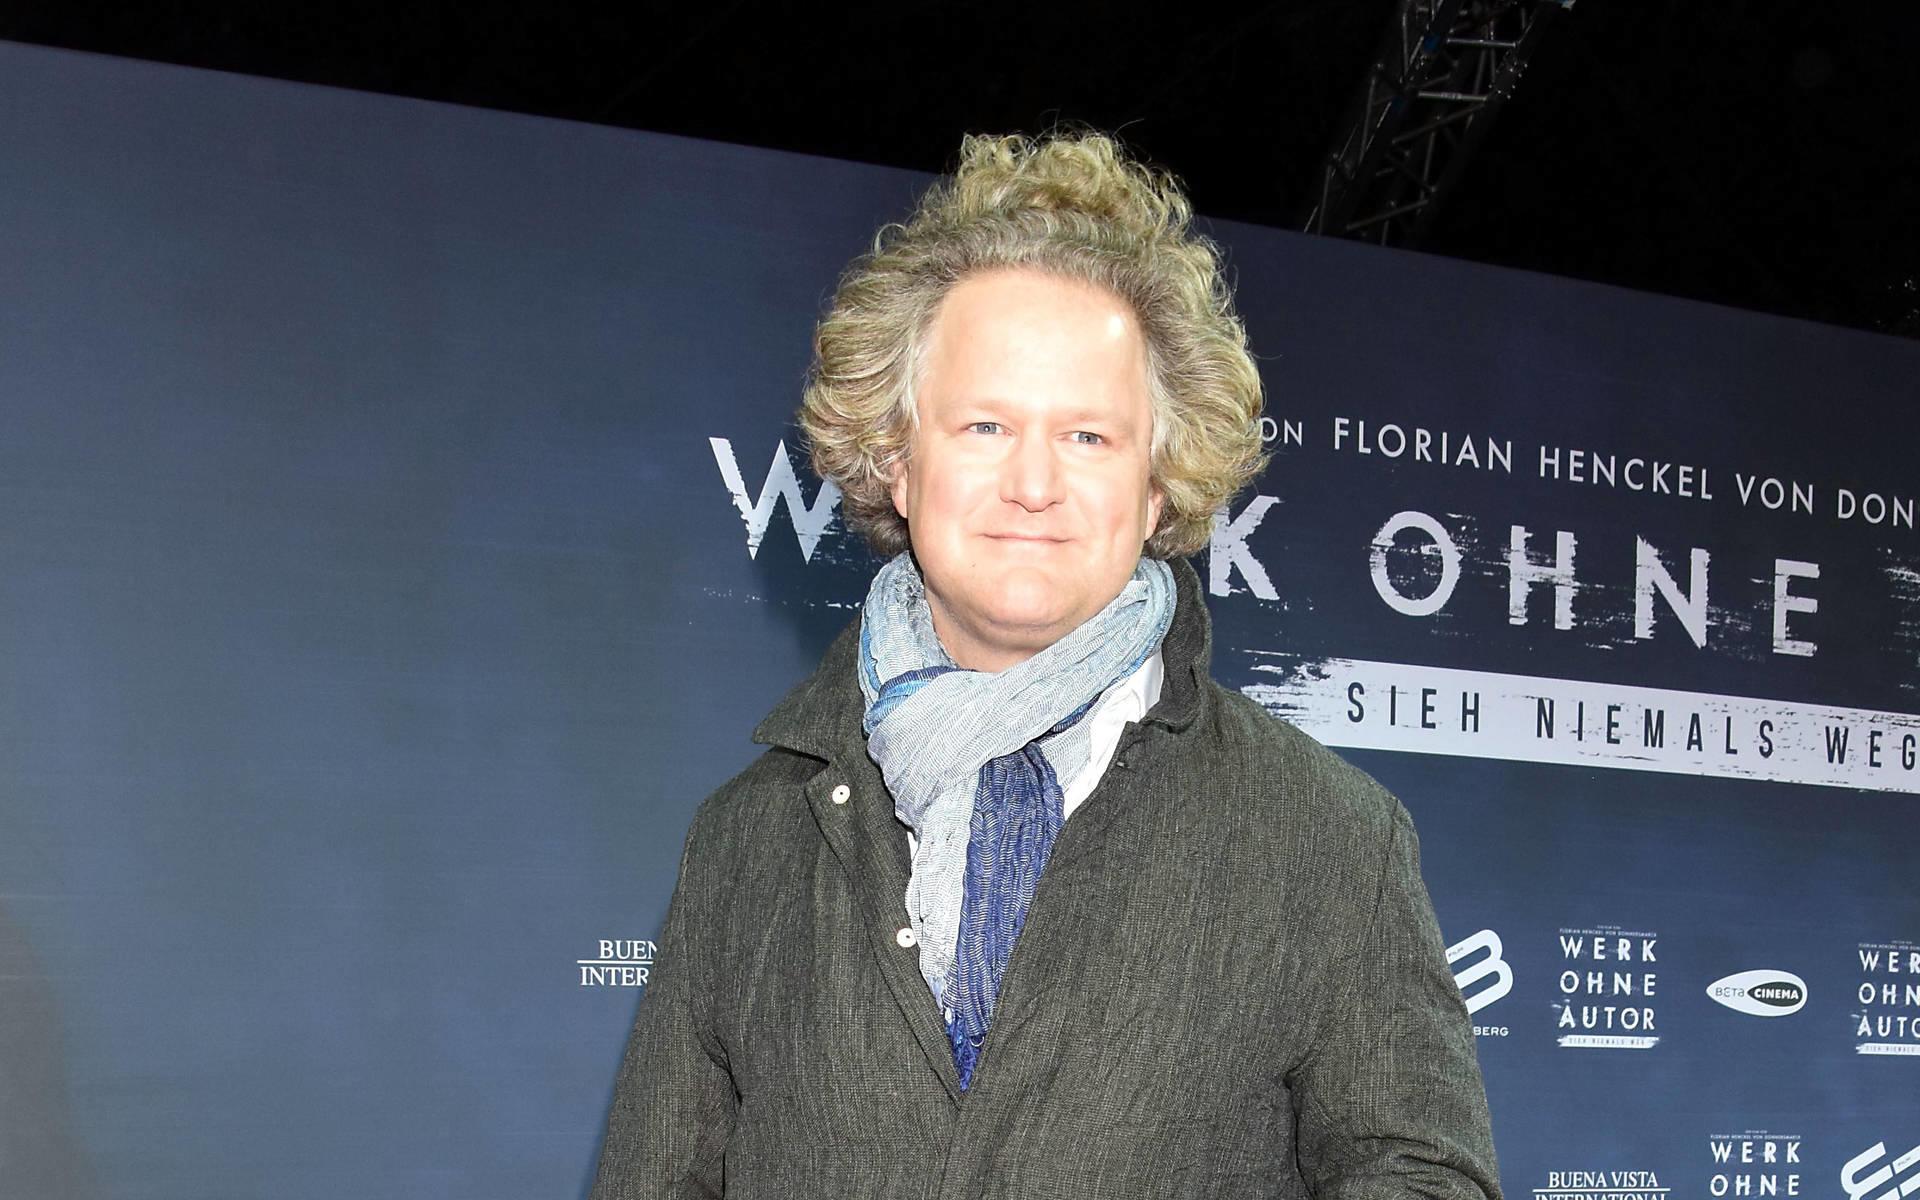 Oscar Hoffnung Florian Henckel Von Donnersmarck Keine Auszeichnung